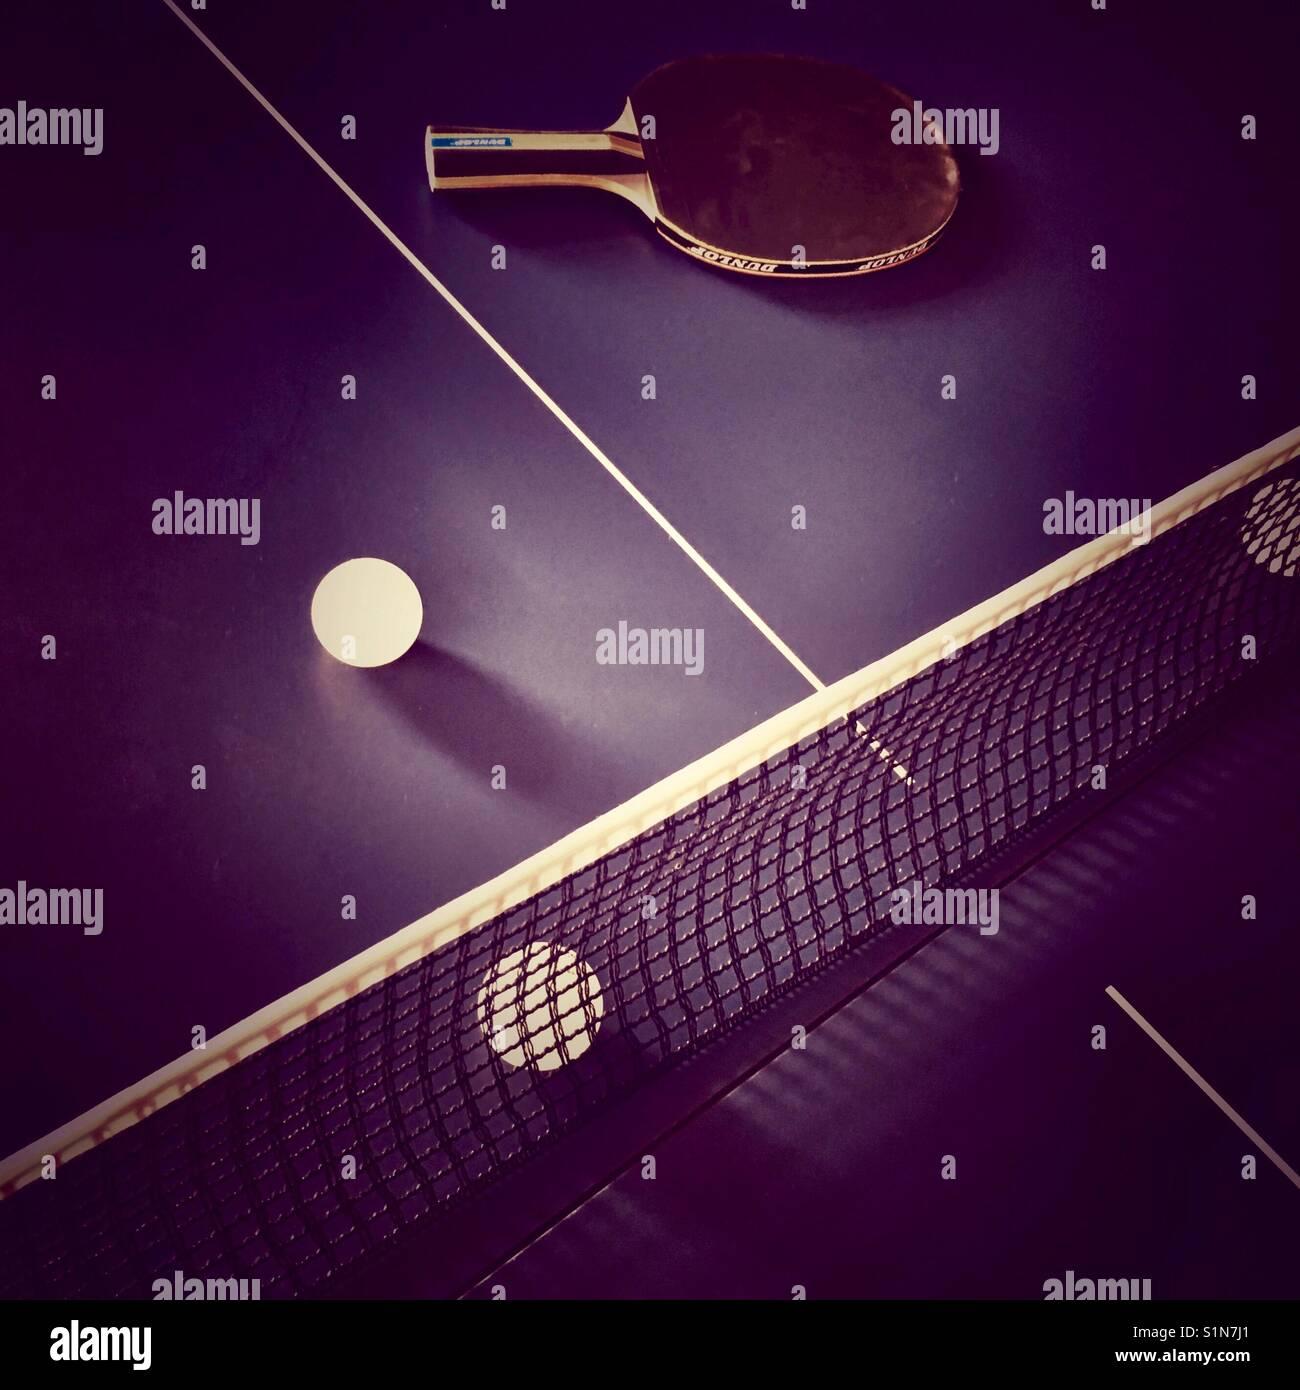 6deb0a6c19 Un alto ángulo de visualización de una mesa de tenis de mesa con una ...